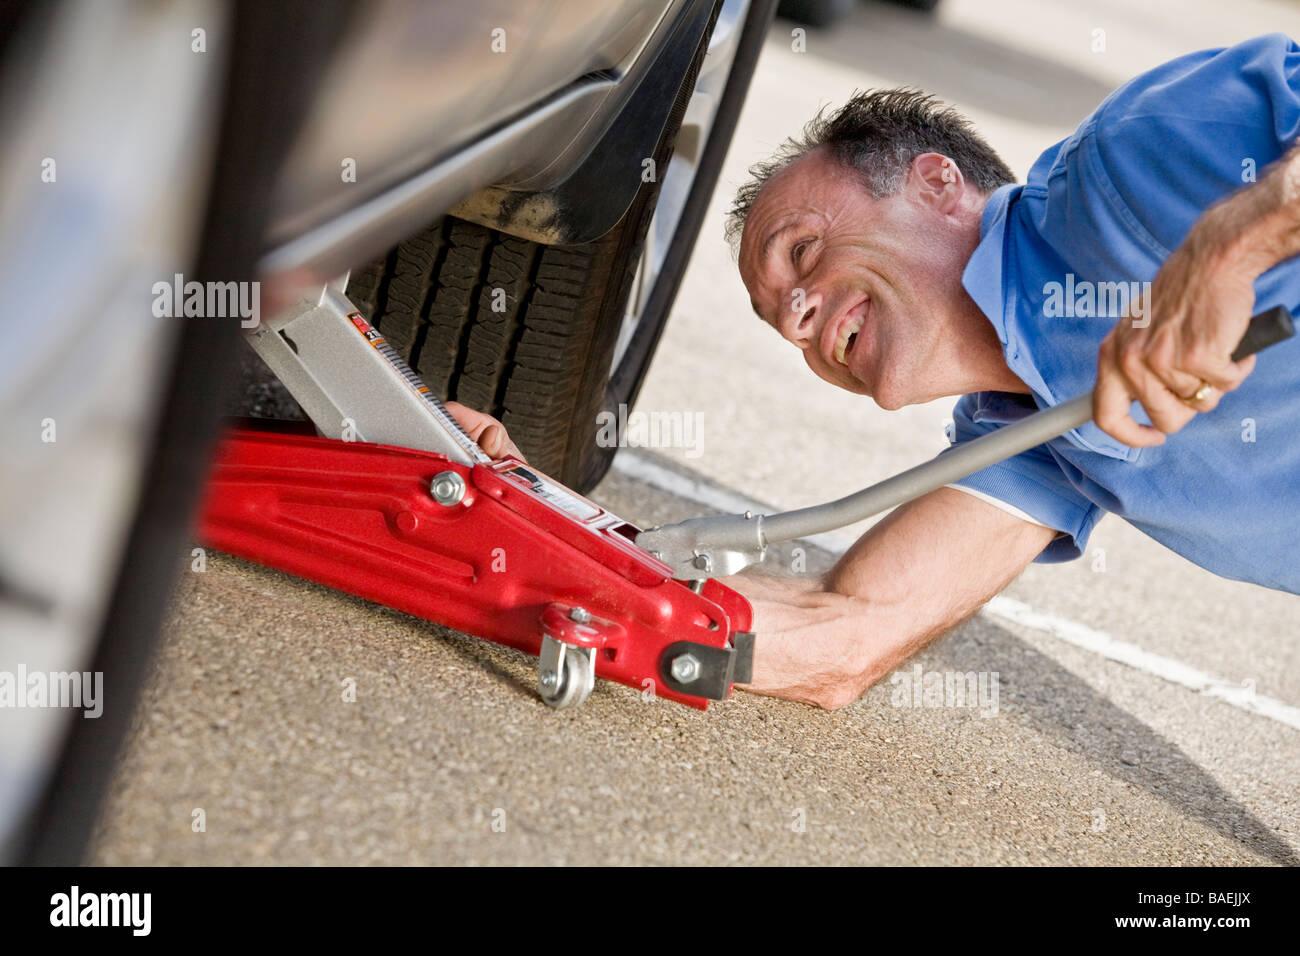 Man platziert einen Buben unter einem Fahrzeug Stockbild